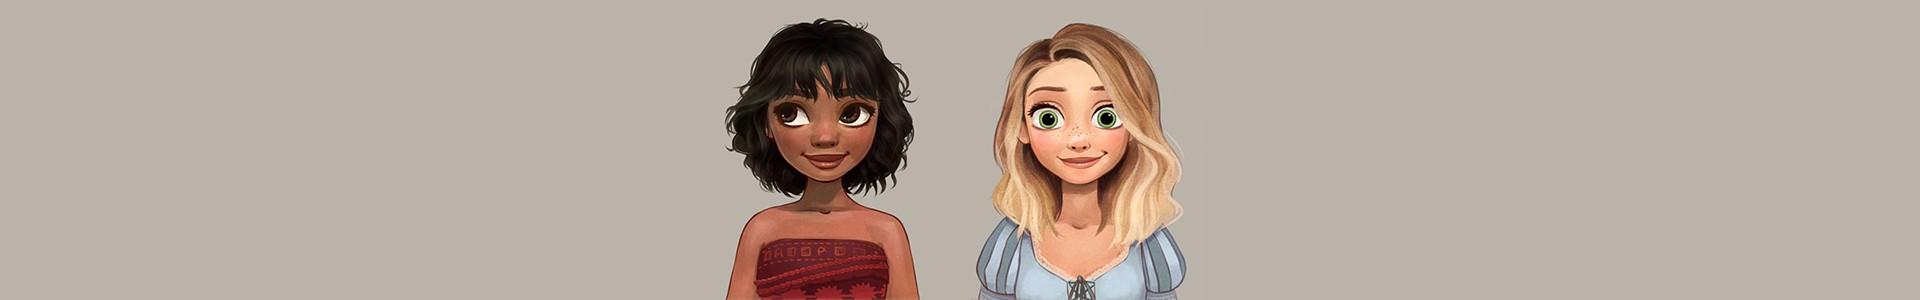 18 Penteados diferentes das Princesas da Disney por Linnéa